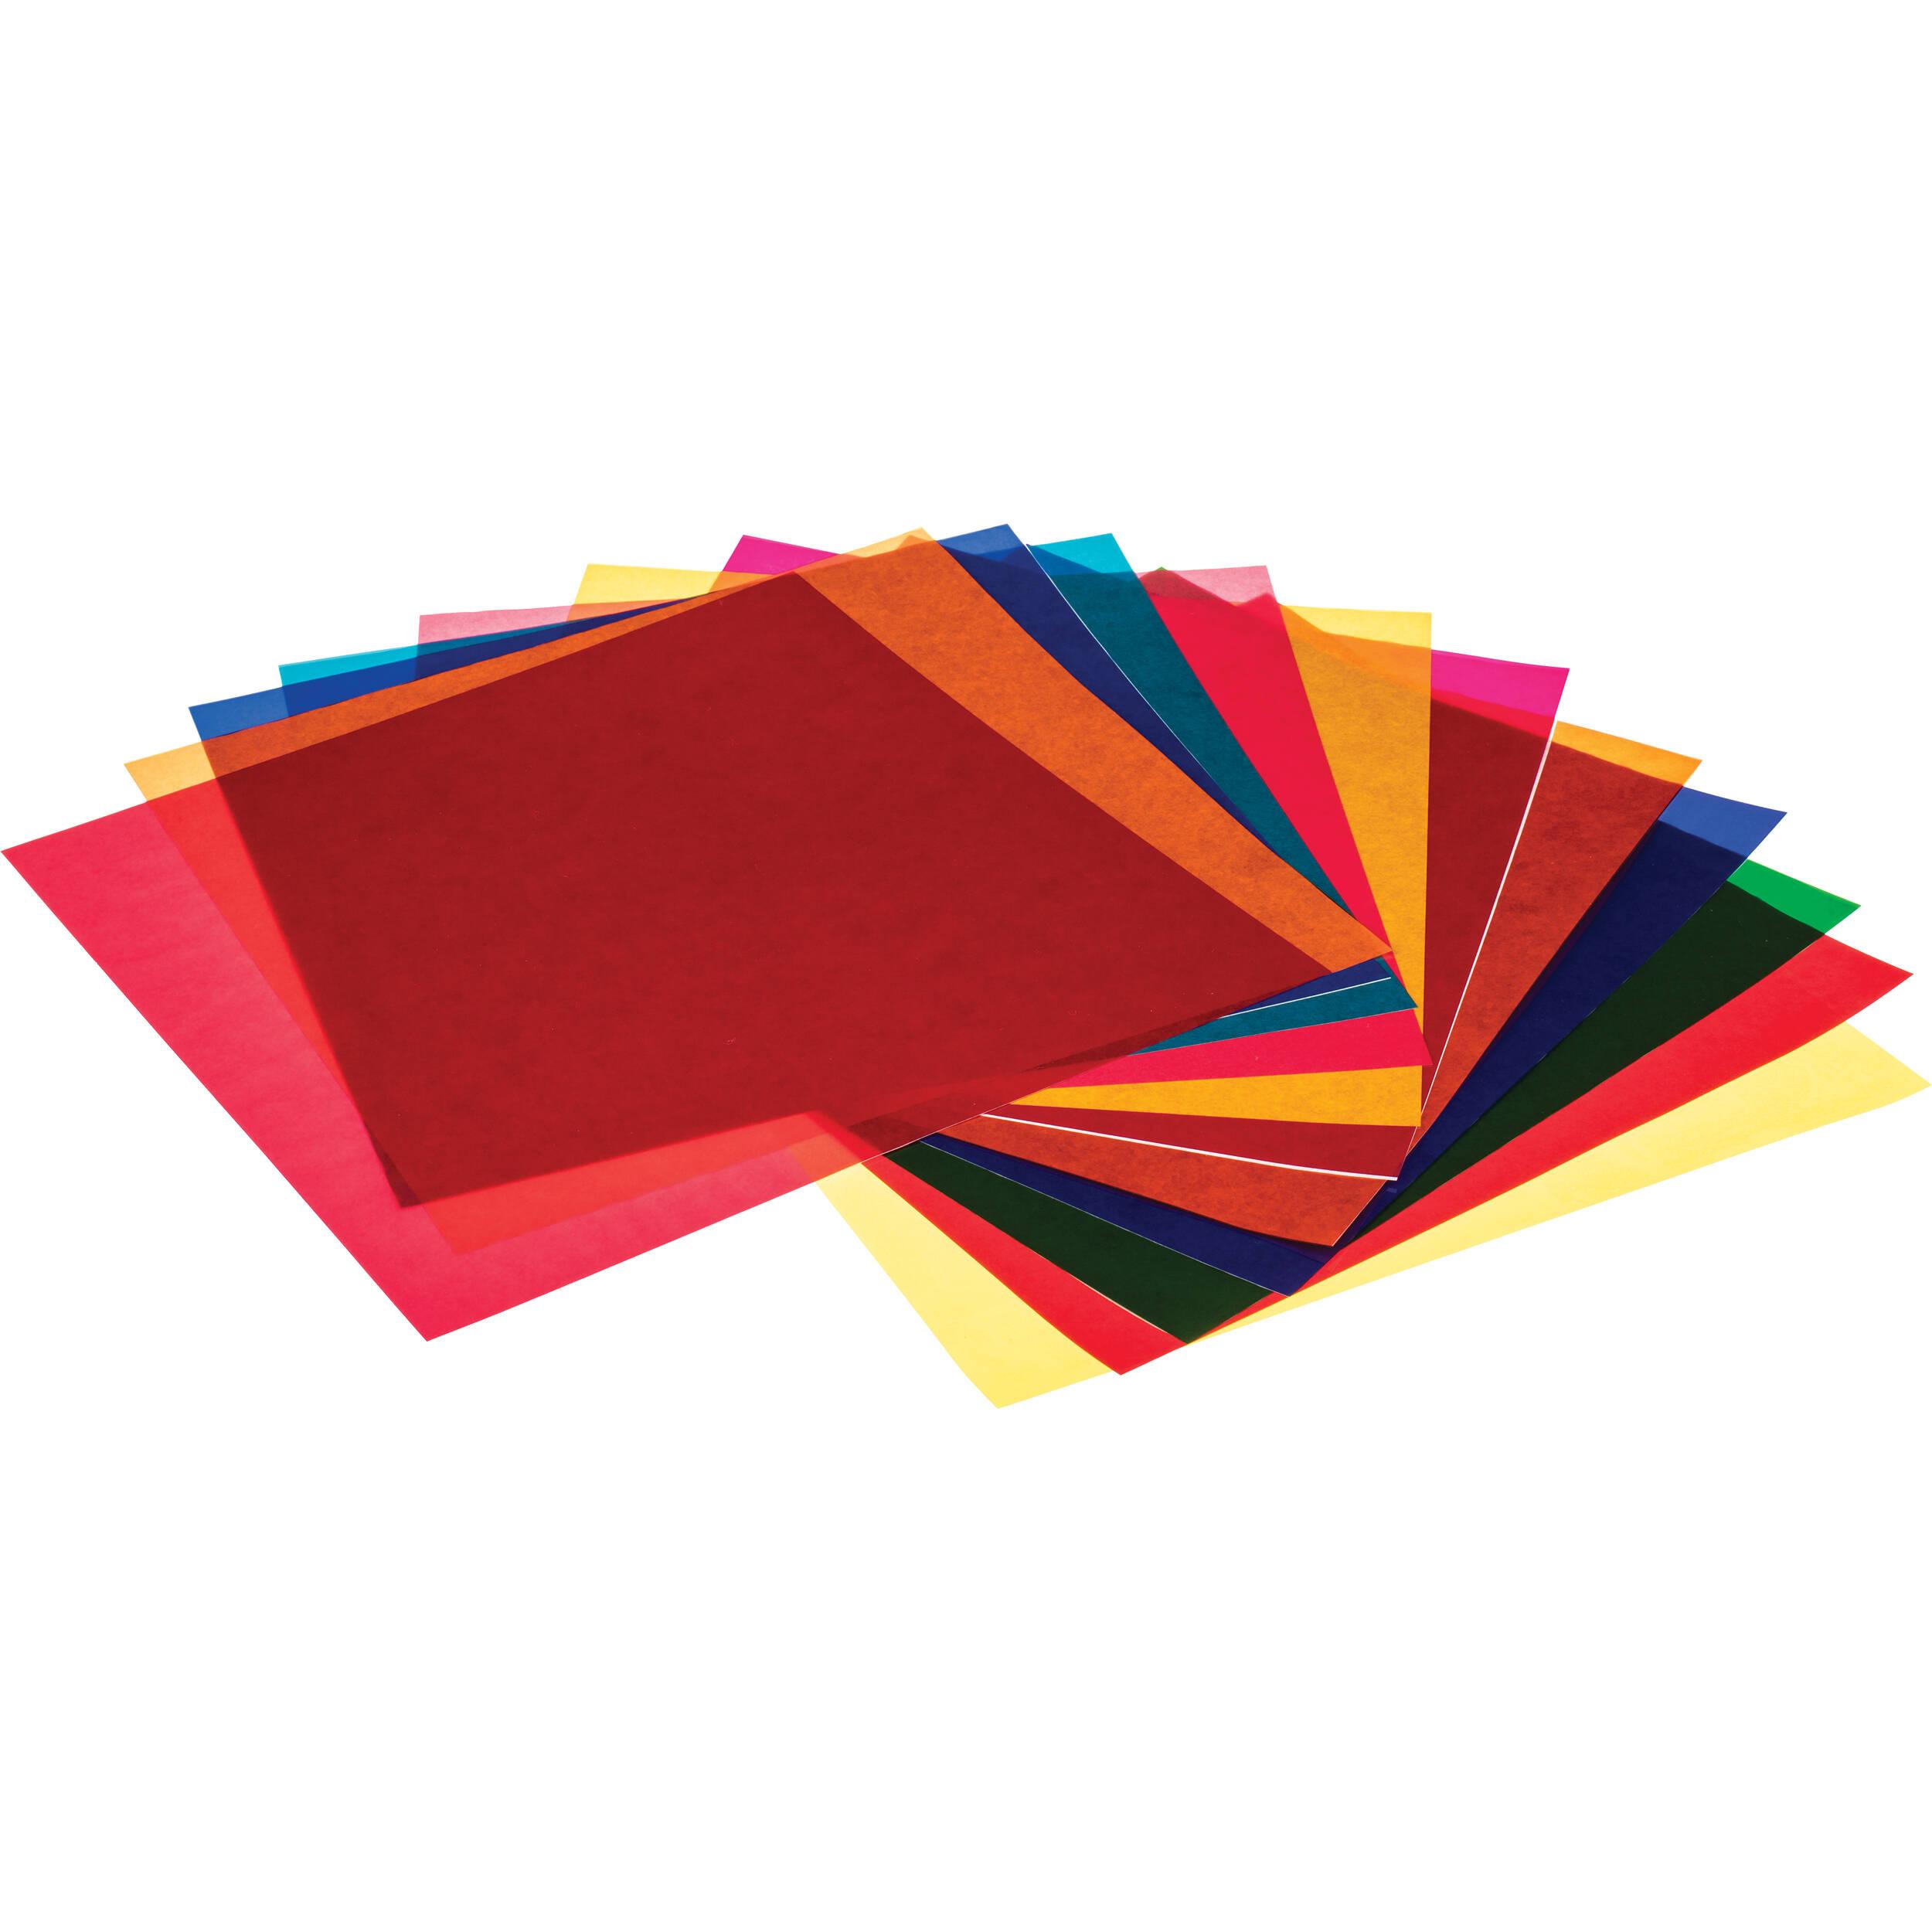 Pro Gel Vivid Colors Filter Pack 12 X 12 Quot Pg12 213 B Amp H